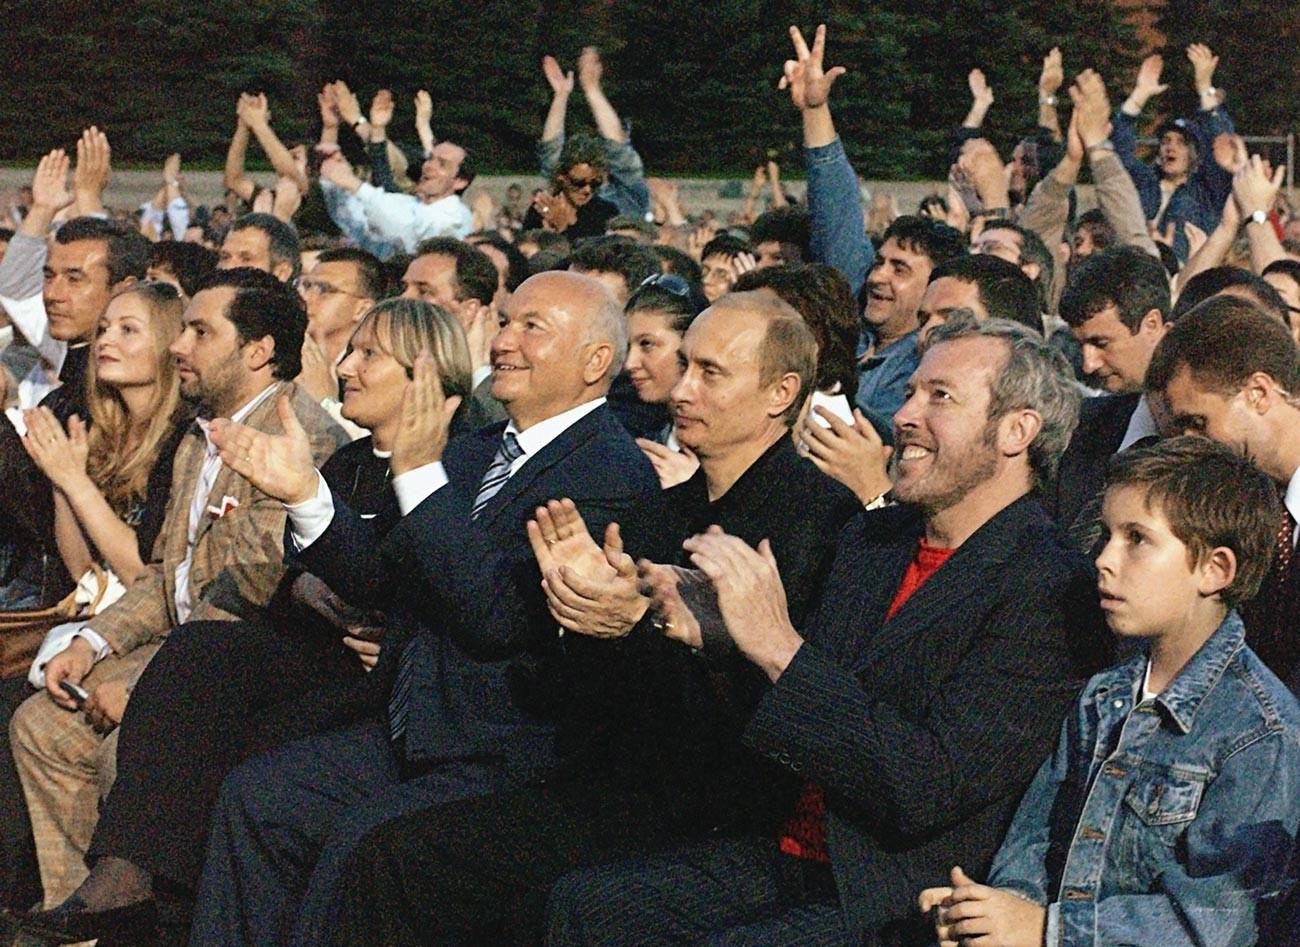 マッカートニーのコンサートを見に来たプーチン大統領